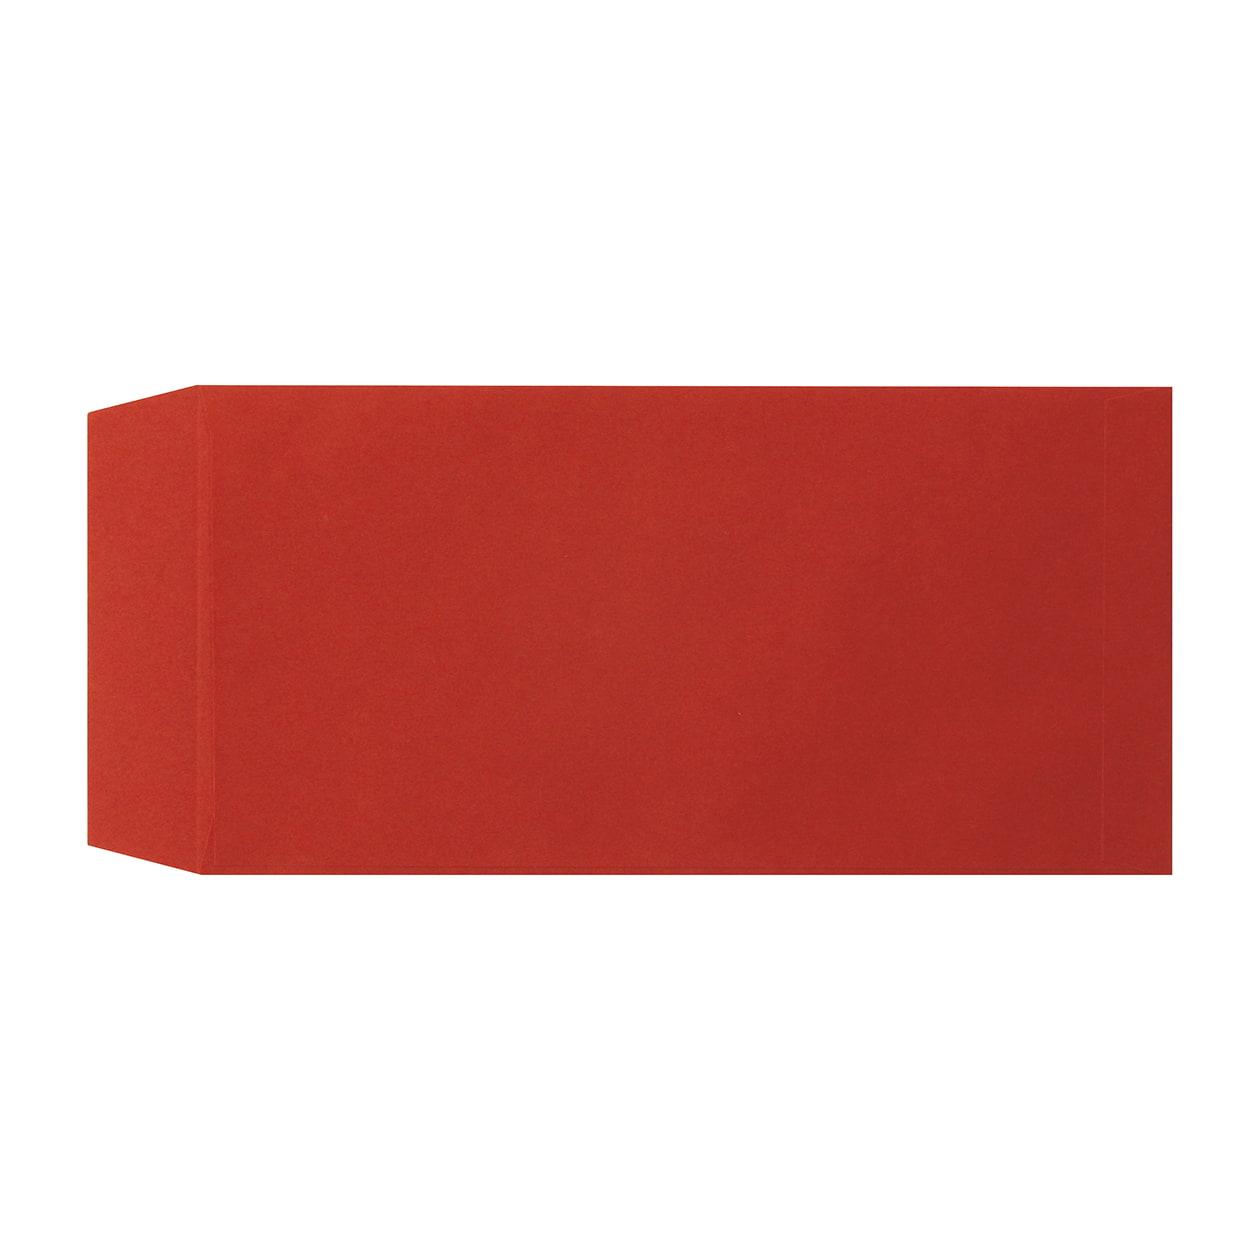 サンプル 封筒・袋 00004